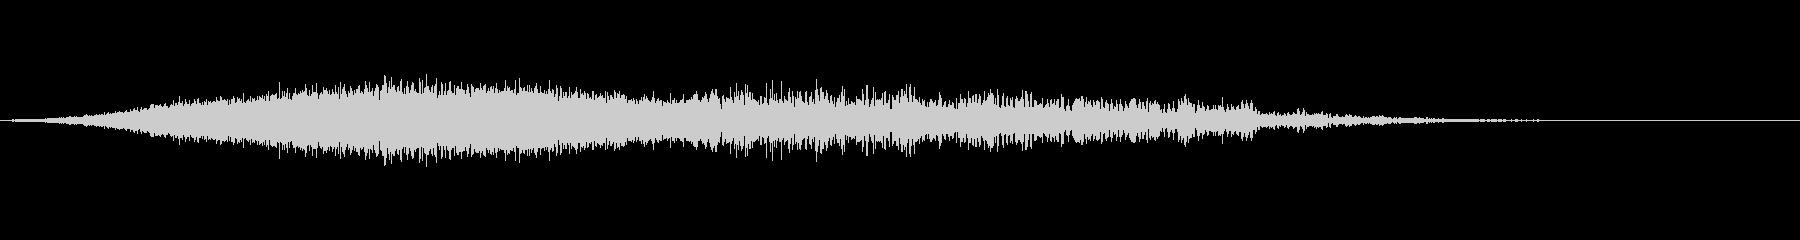 サウンドロゴ ライジングの未再生の波形